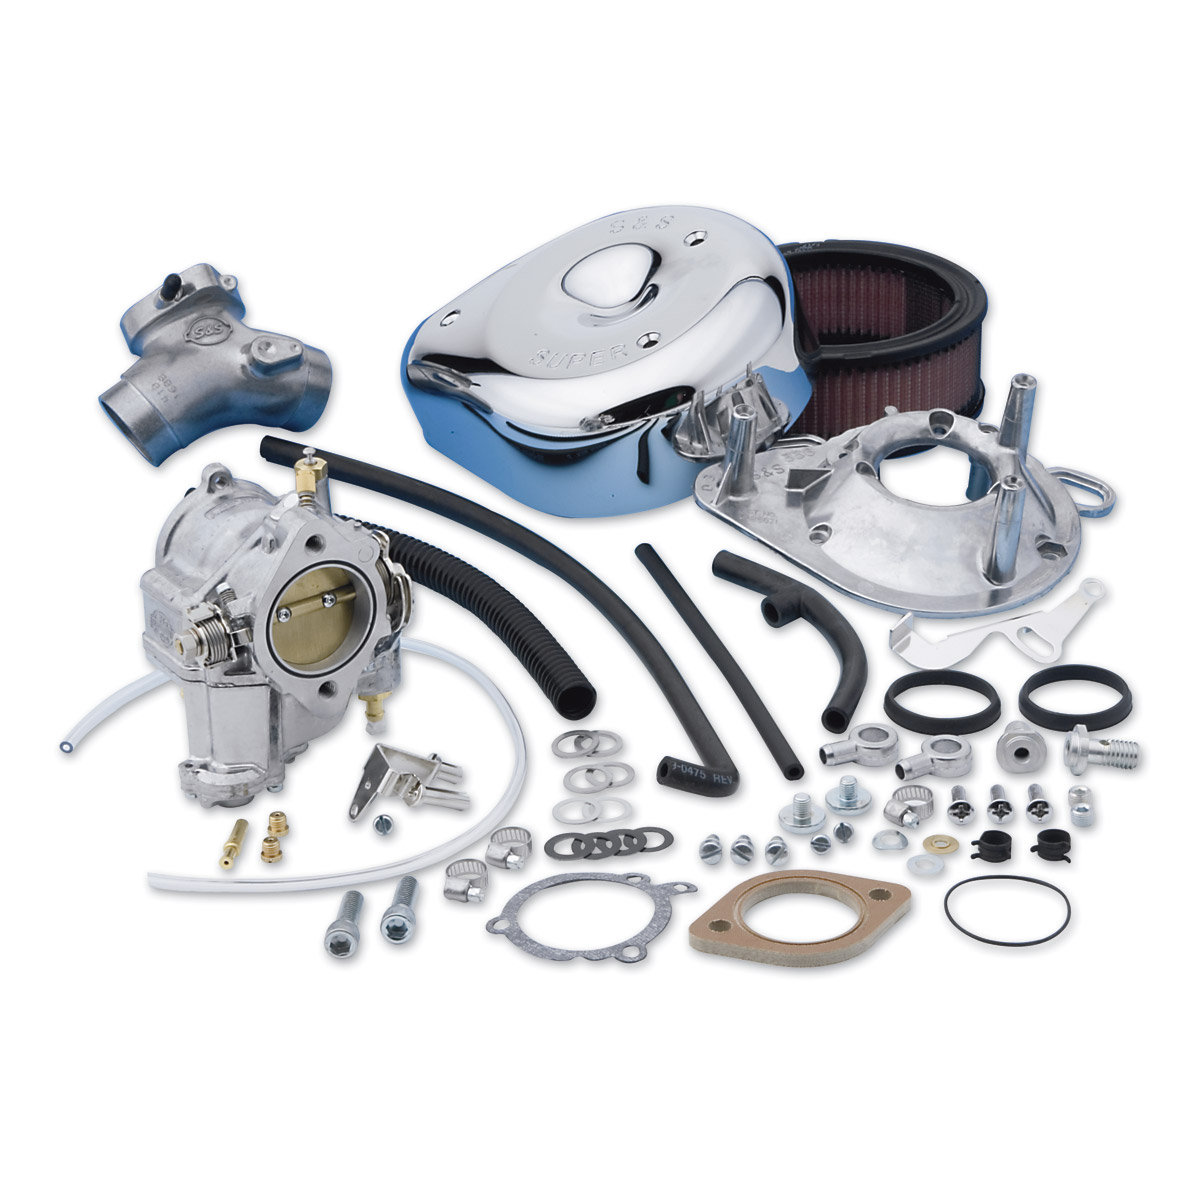 Harley Davidson Road King FLHR Carb//Carburetor Repair Kit 1994-1998